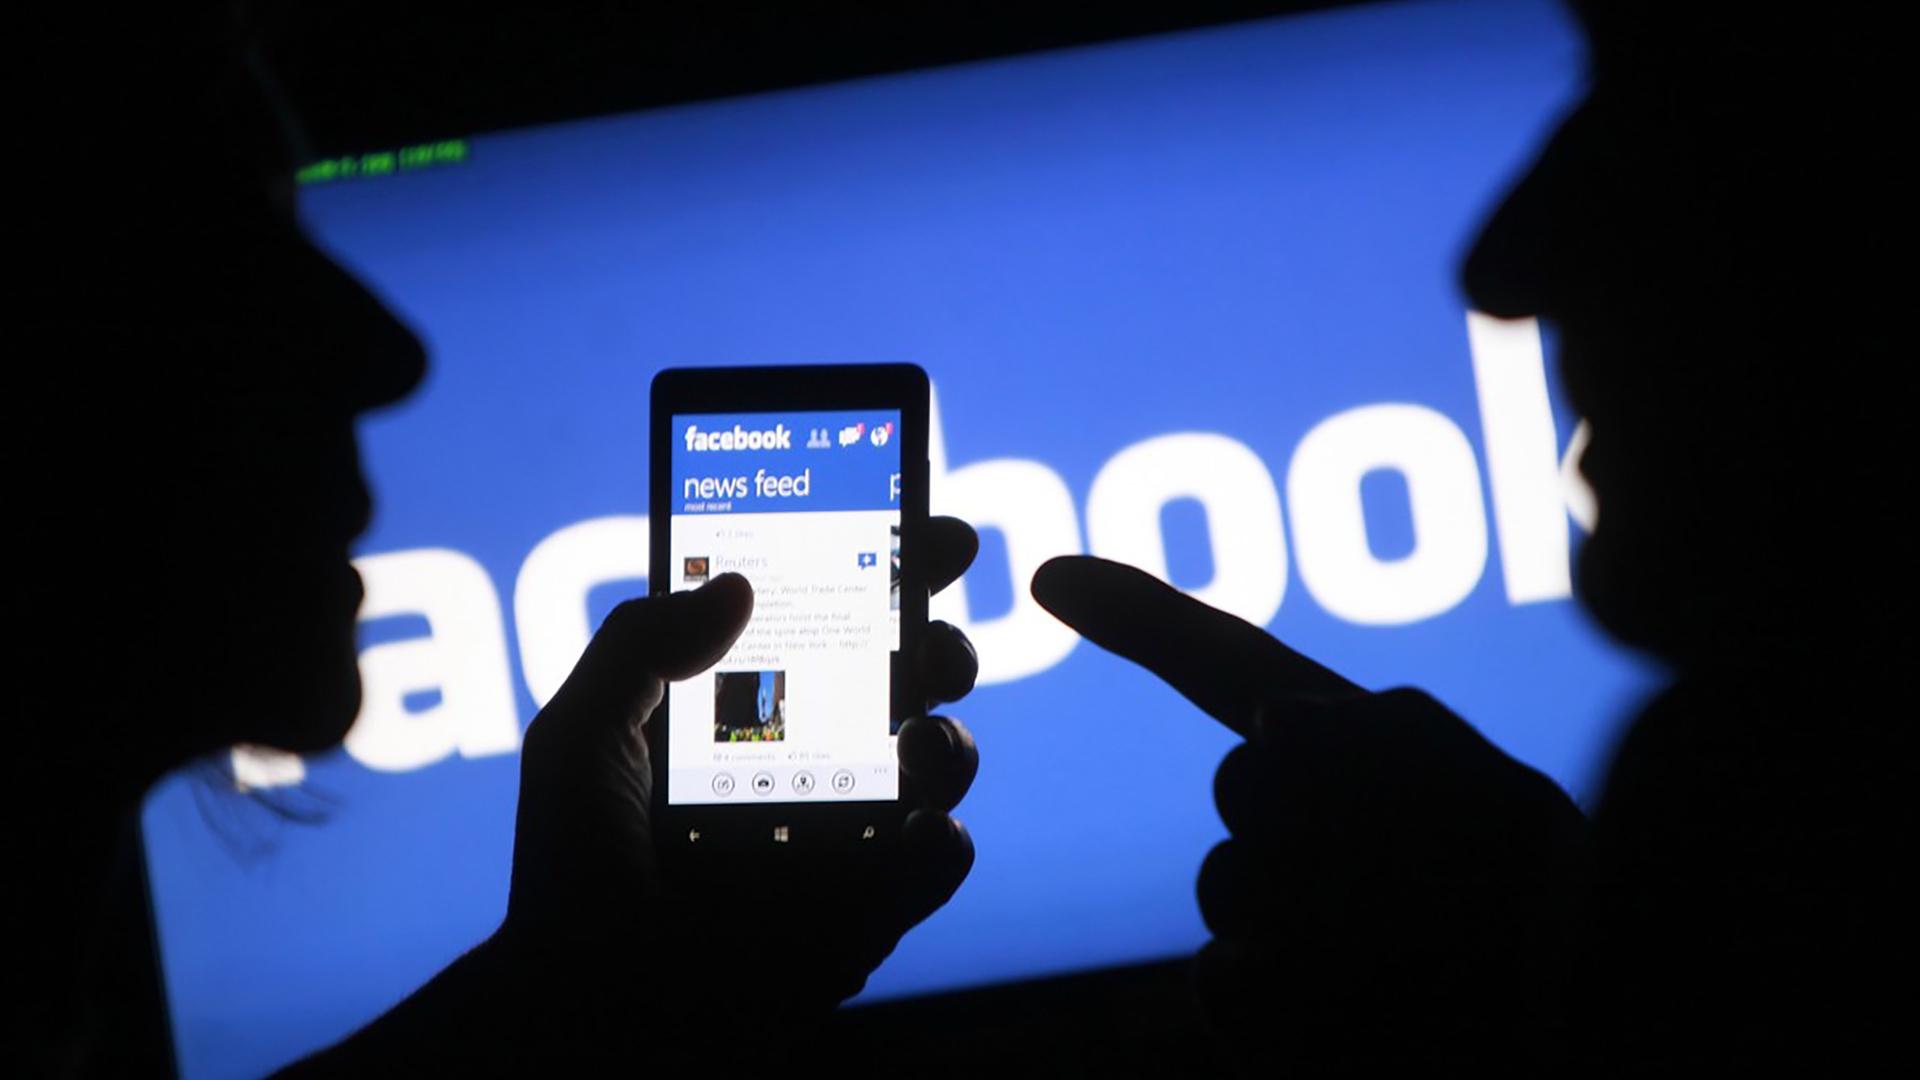 La compañía estadounidense Facebook, informó que su equipo está trabajando para lograr solucionar los problemas que presentan sus aplicaciones (Foto: Archivo)